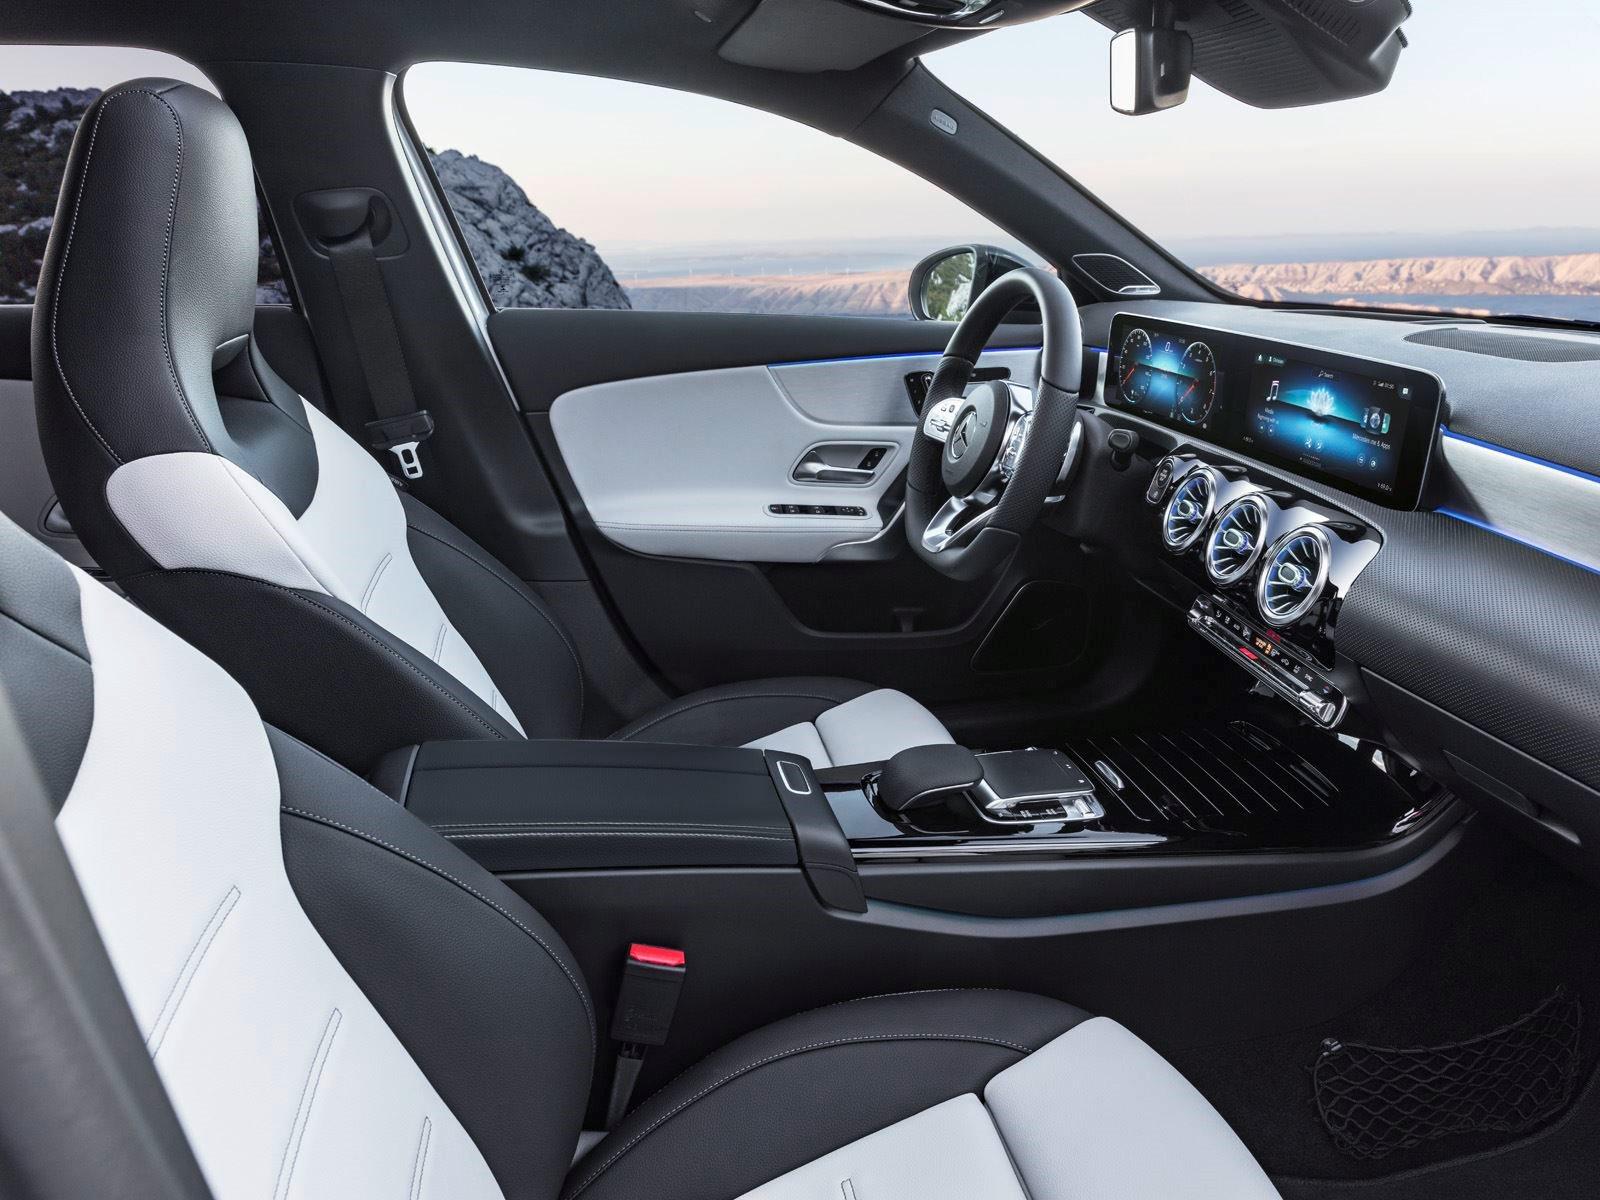 Mercedes-Benz будет продавать только версию седан A-класса в Соединенных Штатах, когда она поступит в продажу в конце этого года. Канадцы будут иметь возможность приобрести хэтчбек, показанный здесь. Модели AMG, скорее всего, появятся в 2019 году как